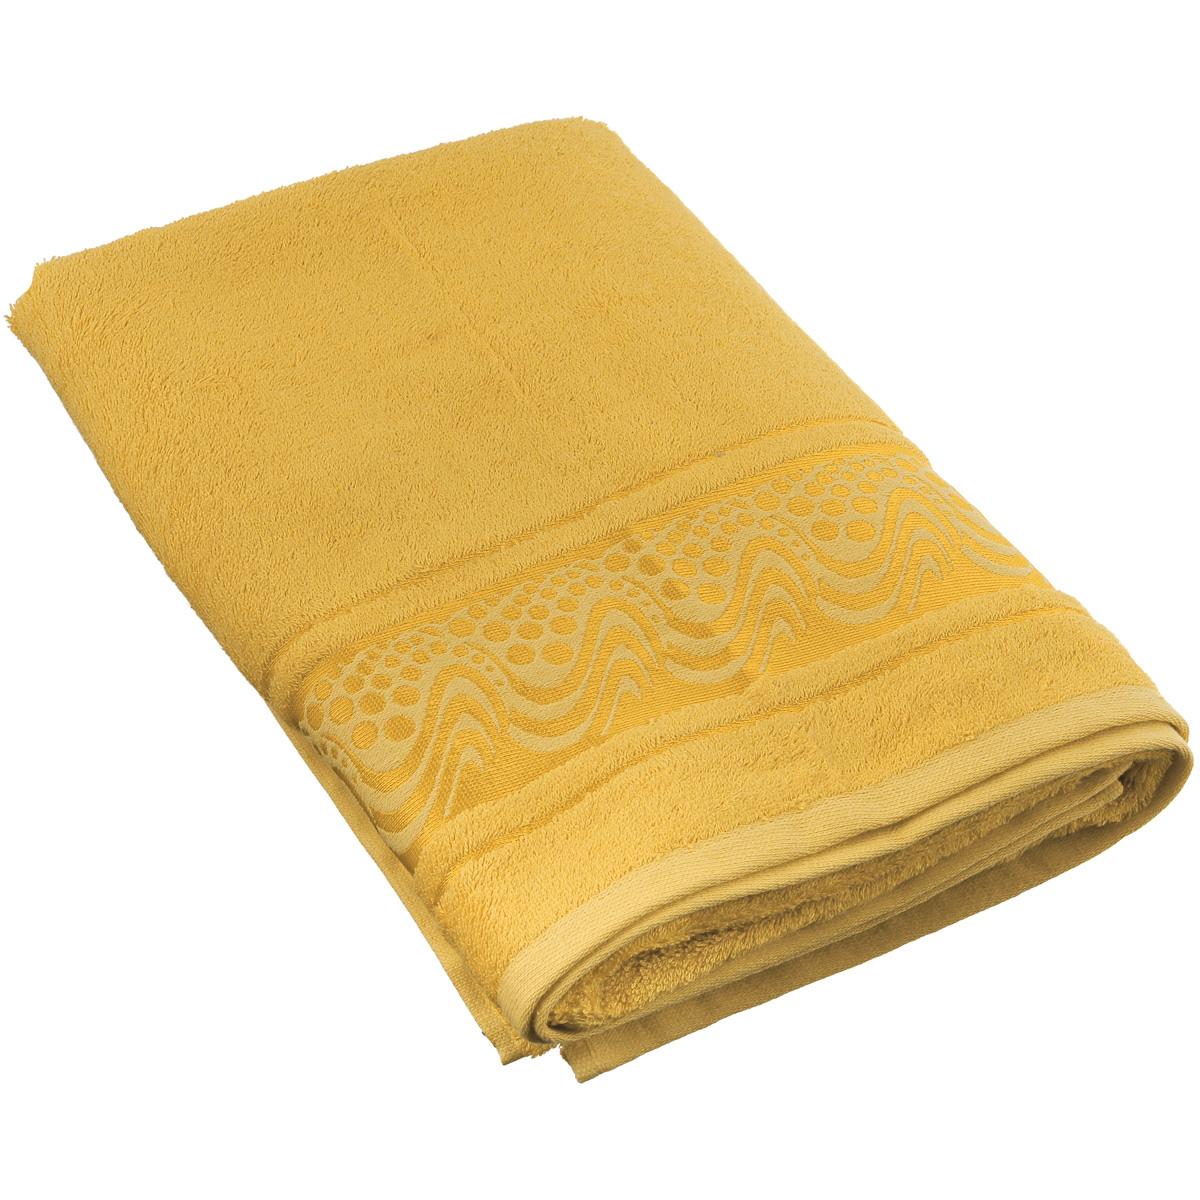 Полотенце Mariposa Aqua, цвет: золотистый, 70 см х 140 см62444Полотенце Mariposa Aqua, изготовленное из 60% бамбука и 40% хлопка, подарит массу положительных эмоций и приятных ощущений.Полотенца из бамбука только издали похожи на обычные. На самом деле, при первом же прикосновении вы ощутите невероятную мягкость и шелковистость. Таким полотенцем не нужно вытираться - только коснитесь кожи - и ткань сама все впитает! Несмотря на богатую плотность и высокую петлю полотенца, оно быстро сохнет, остается легким даже при намокании.Полотенце оформлено волнистым рисунком. Благородный тон создает уют и подчеркивает лучшие качества махровой ткани. Полотенце Mariposa Aqua станет достойным выбором для вас и приятным подарком для ваших близких.Размер полотенца: 70 см х 140 см.